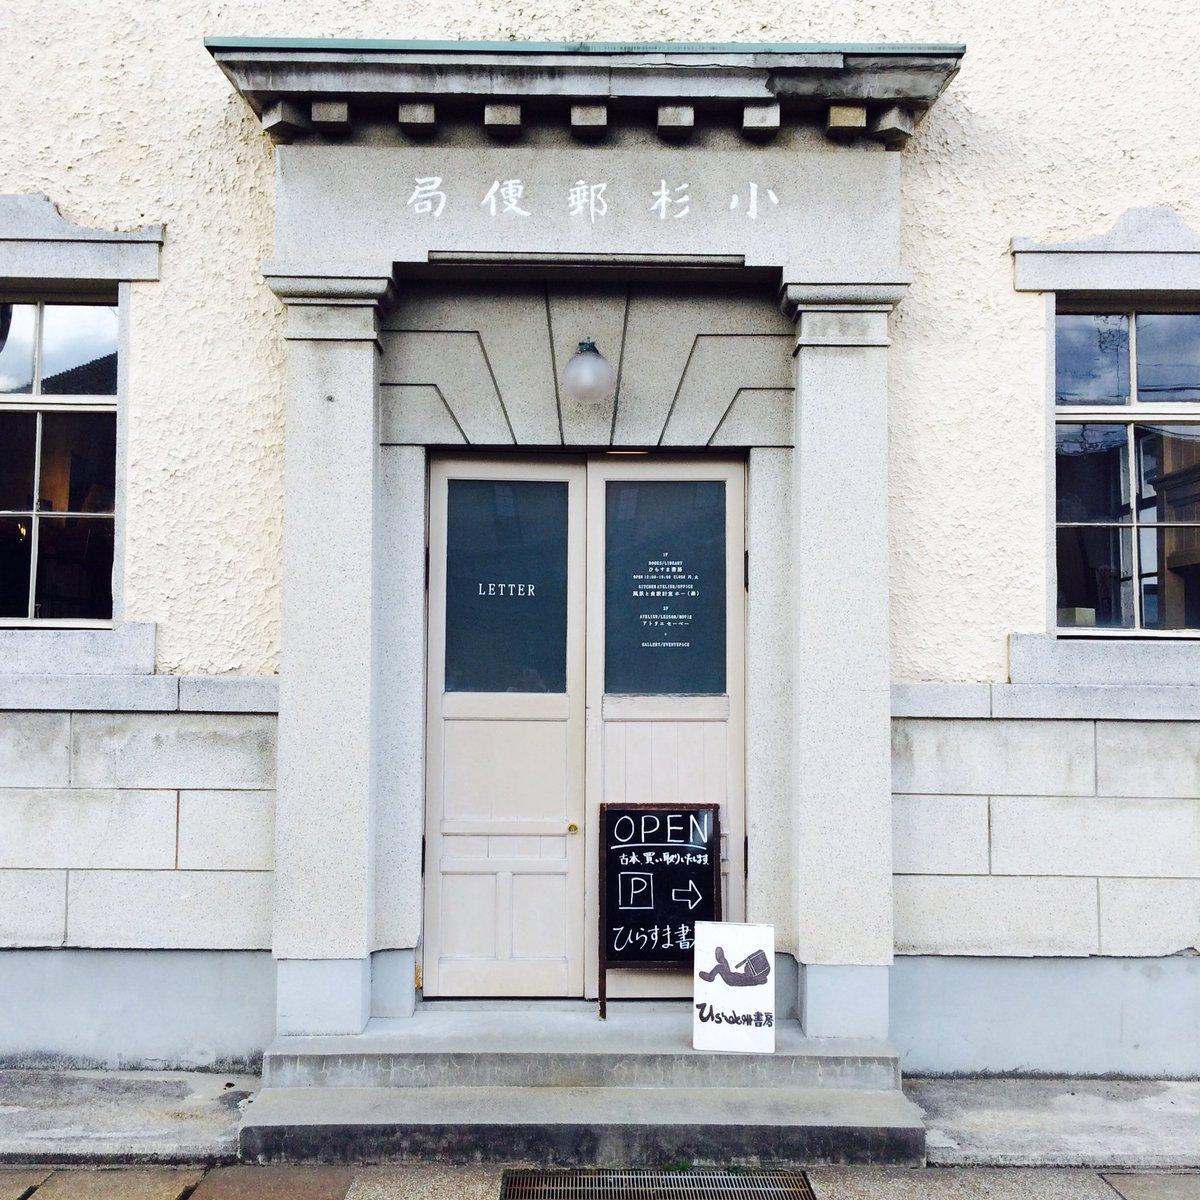 富山の射水市で元郵便局が古本屋になっていた。 https://t.co/O6IskCnZt1